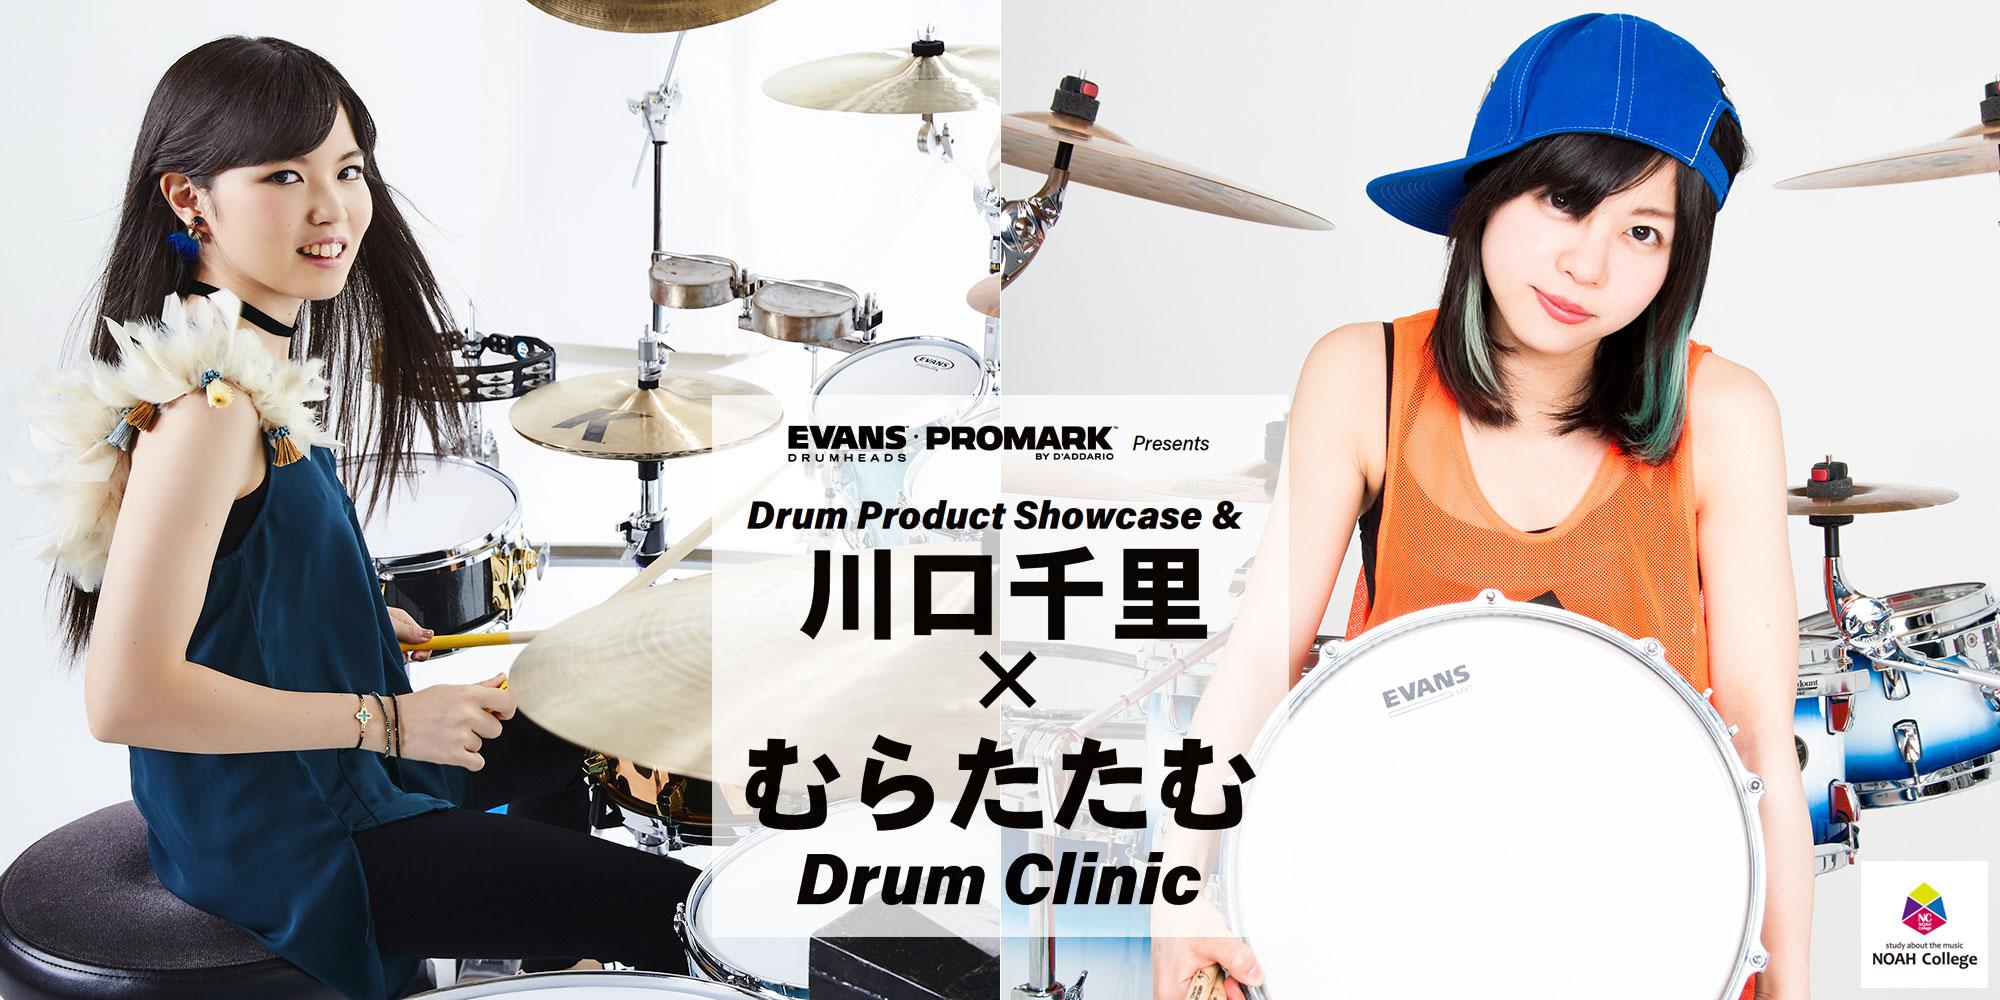 イベント情報「川口千里×むらたたむ Drum Clinic」【 8月18日 】@NOAH 学芸大スタジオ 1Ast 開催のお知らせ